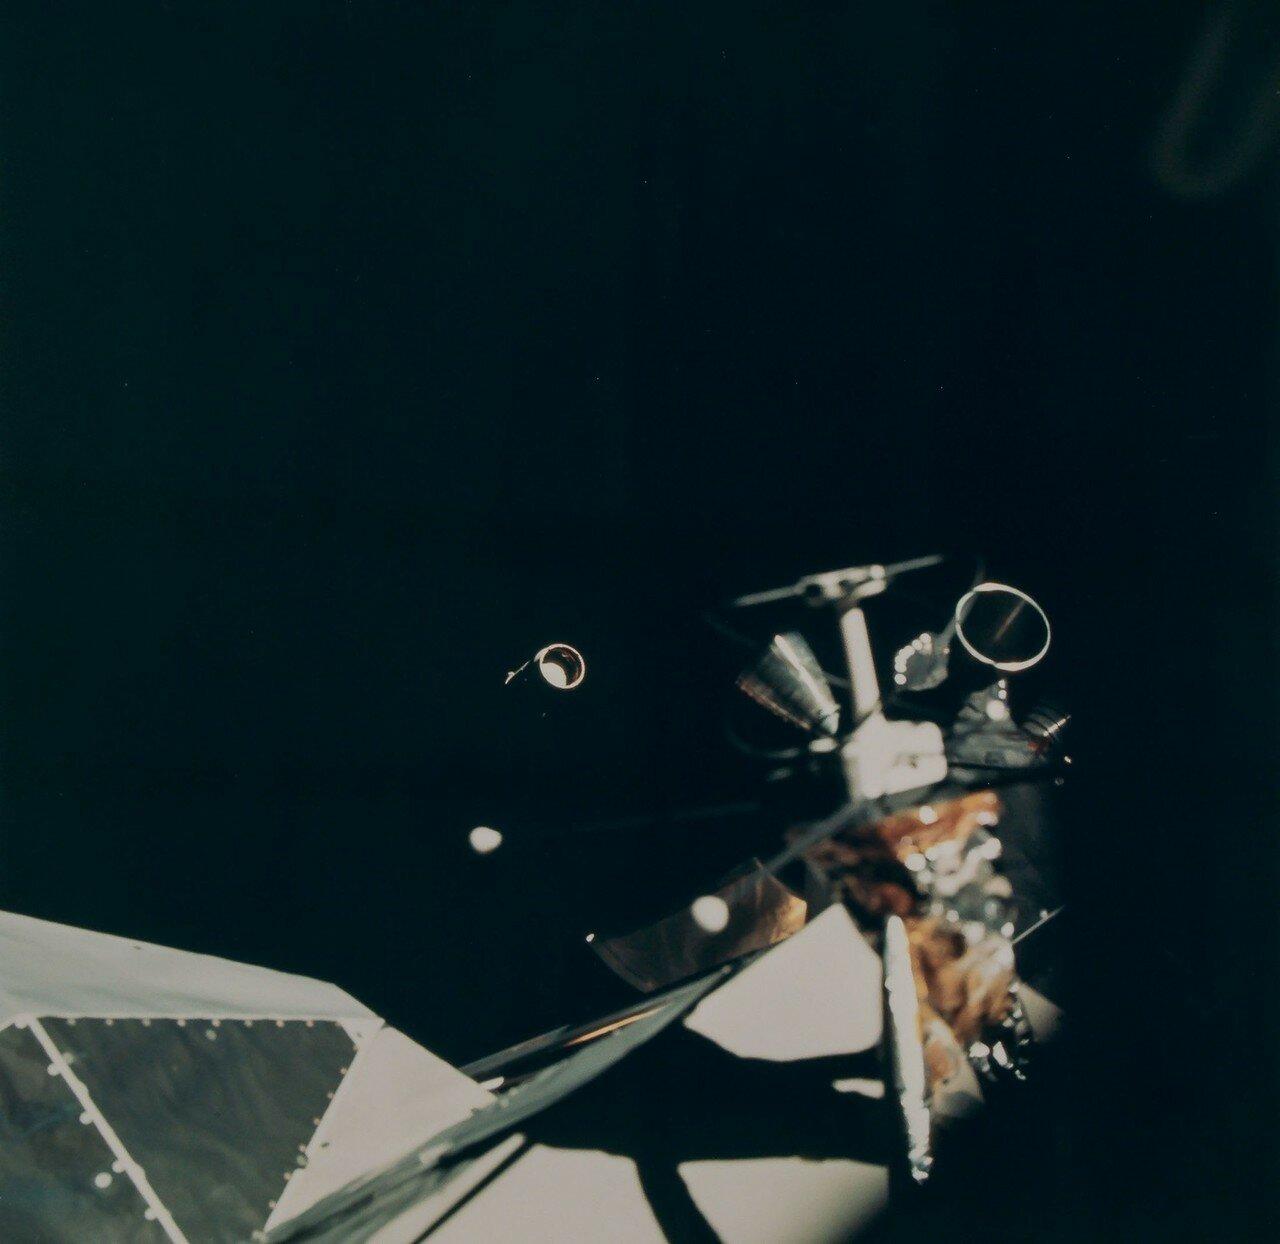 На третьем часу полёта двигатель последней ступени ракеты-носителя был включён вторично и вывел ступень с кораблём на траекторию полёта к Луне. На снимке: Отделение третьей ступени ракеты Сатурн